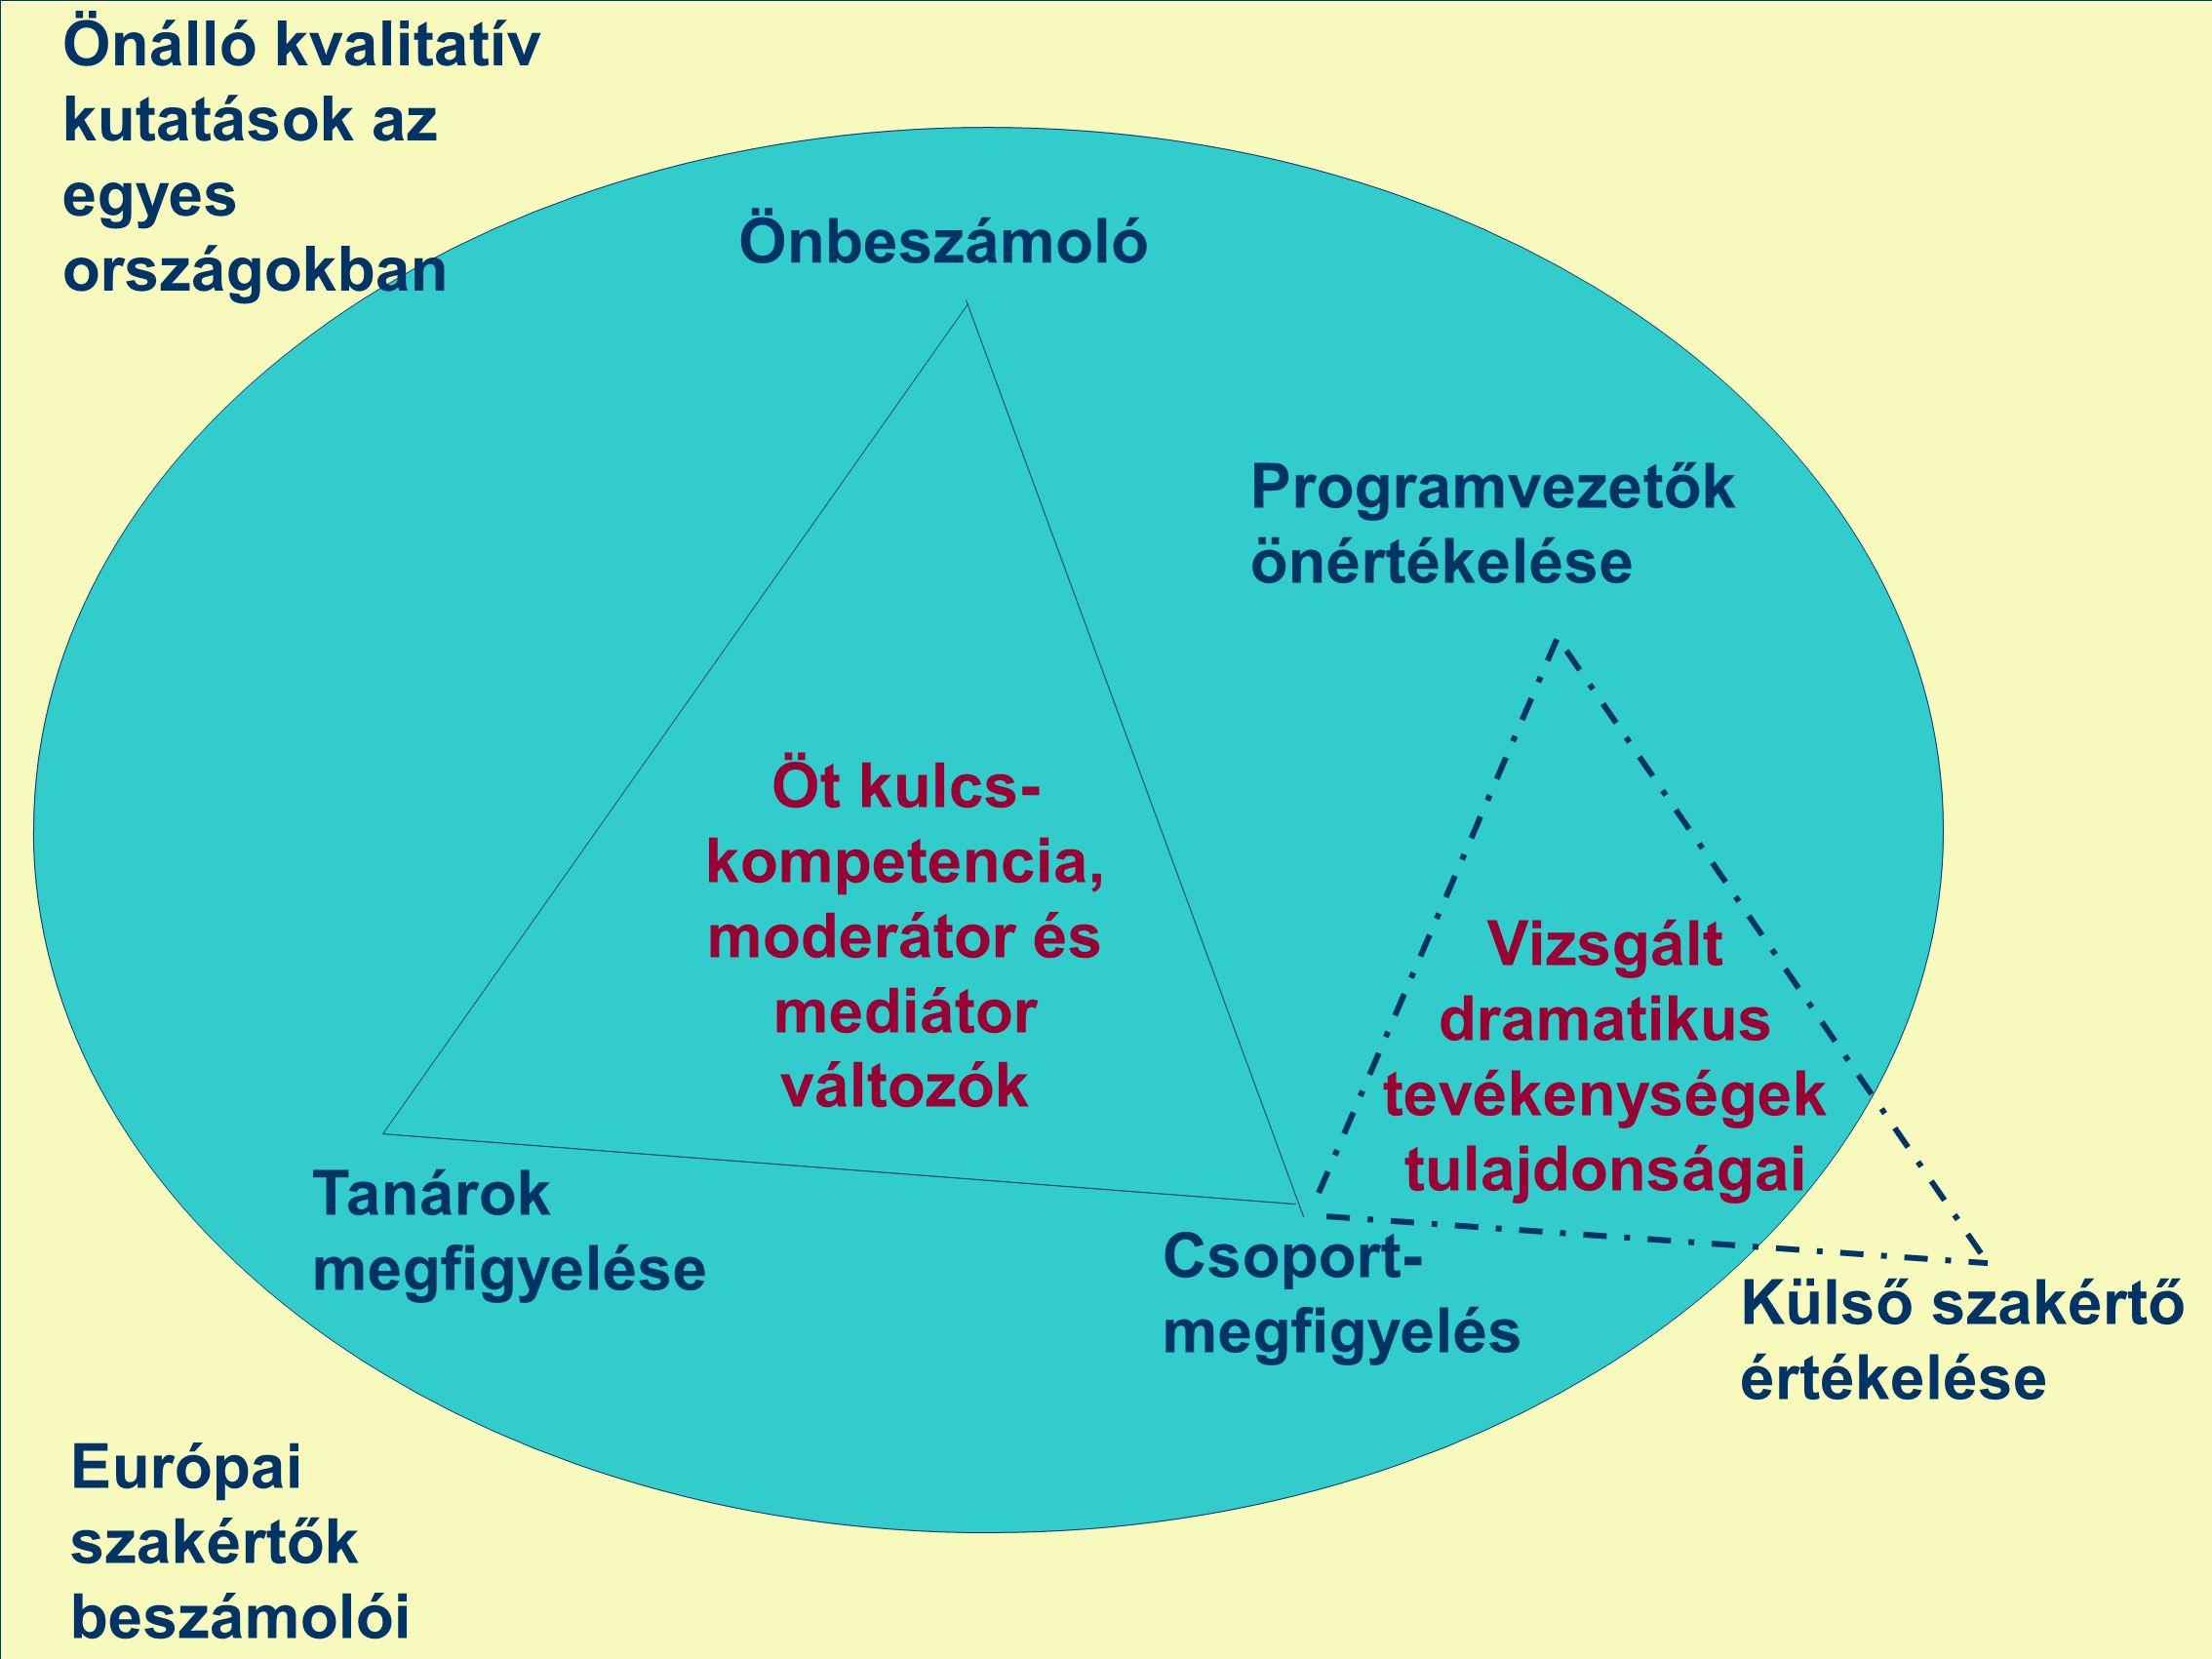 Öt kulcs- kompetencia, moderátor és mediátor változók Önbeszámoló Tanárok megfigyelése Csoport- megfigyelés Külső szakértő értékelése Programvezetők önértékelése Vizsgált dramatikus tevékenységek tulajdonságai Európai szakértők beszámolói Önálló kvalitatív kutatások az egyes országokban